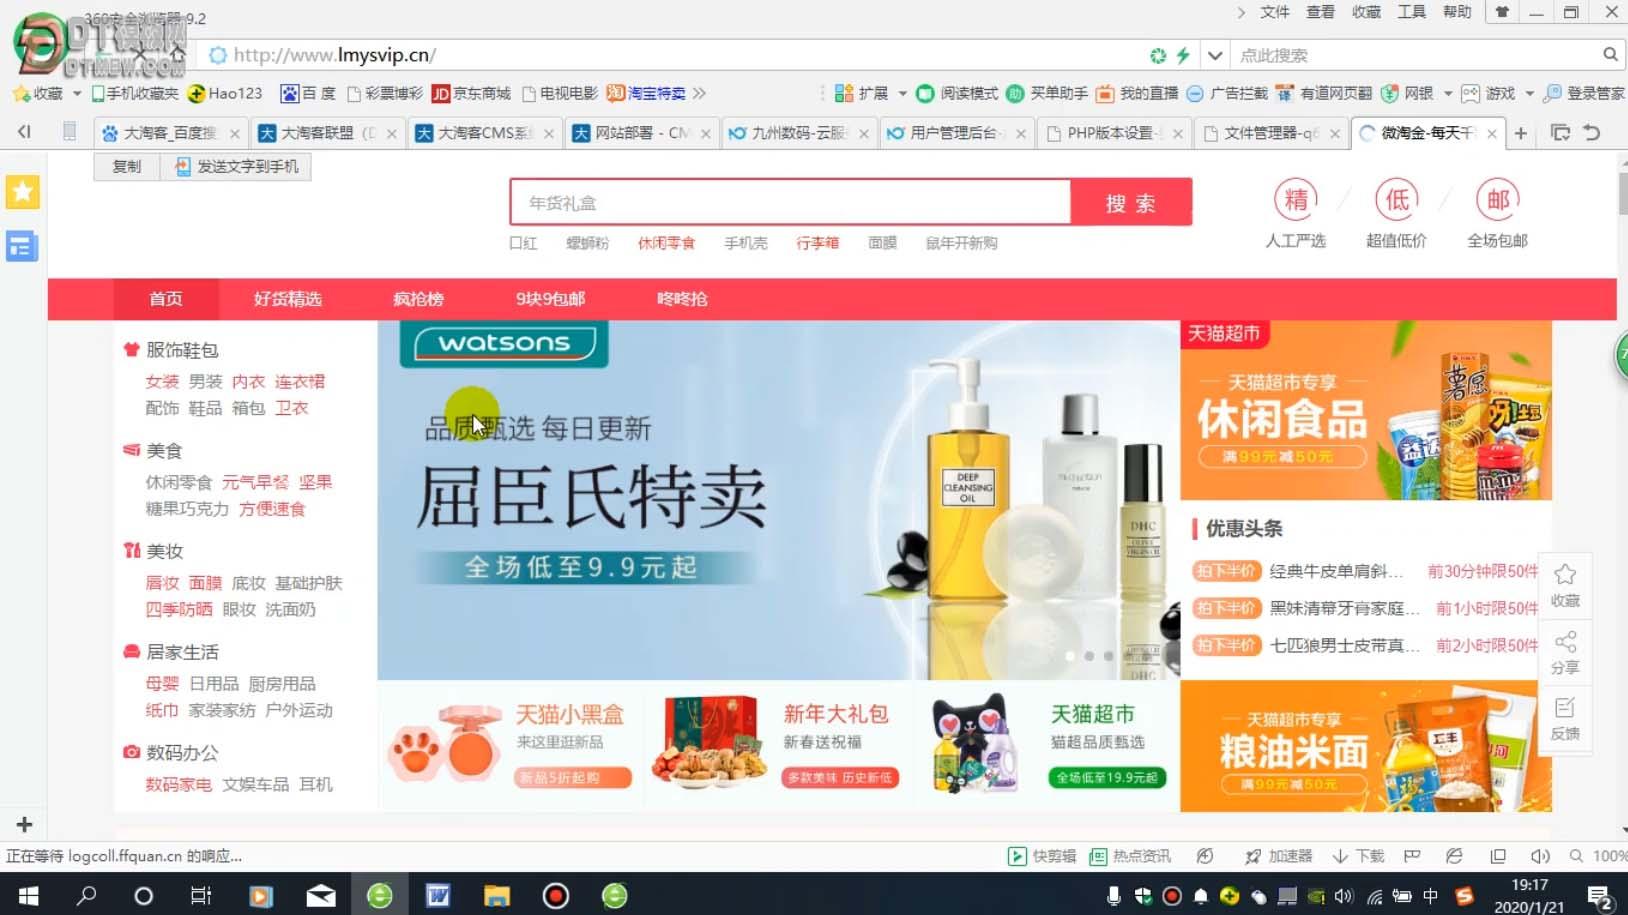 大淘客官网CMS网站搭建教程【图文】